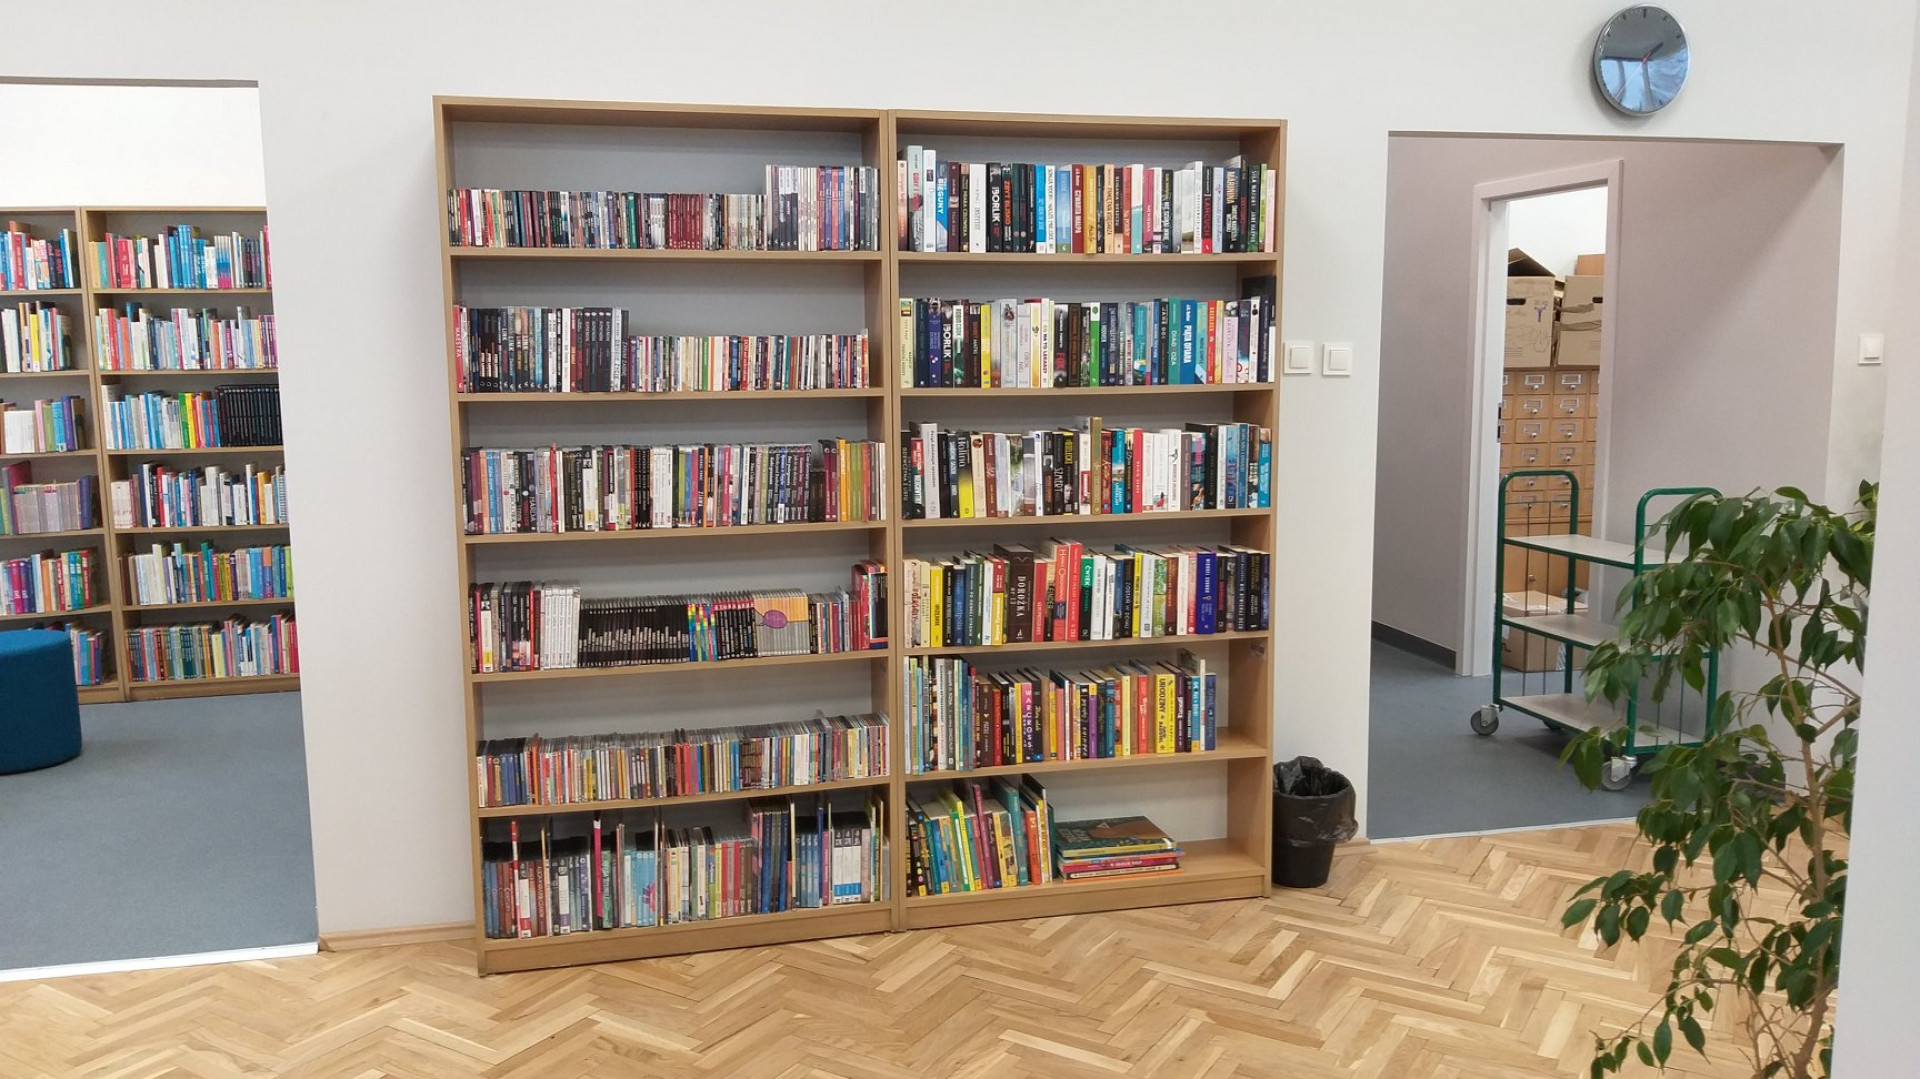 Dostęp do półek z książkami będą mieli wyłącznie pracownicy bibliotek (fot. Biblioteka Raczyńskich FB)